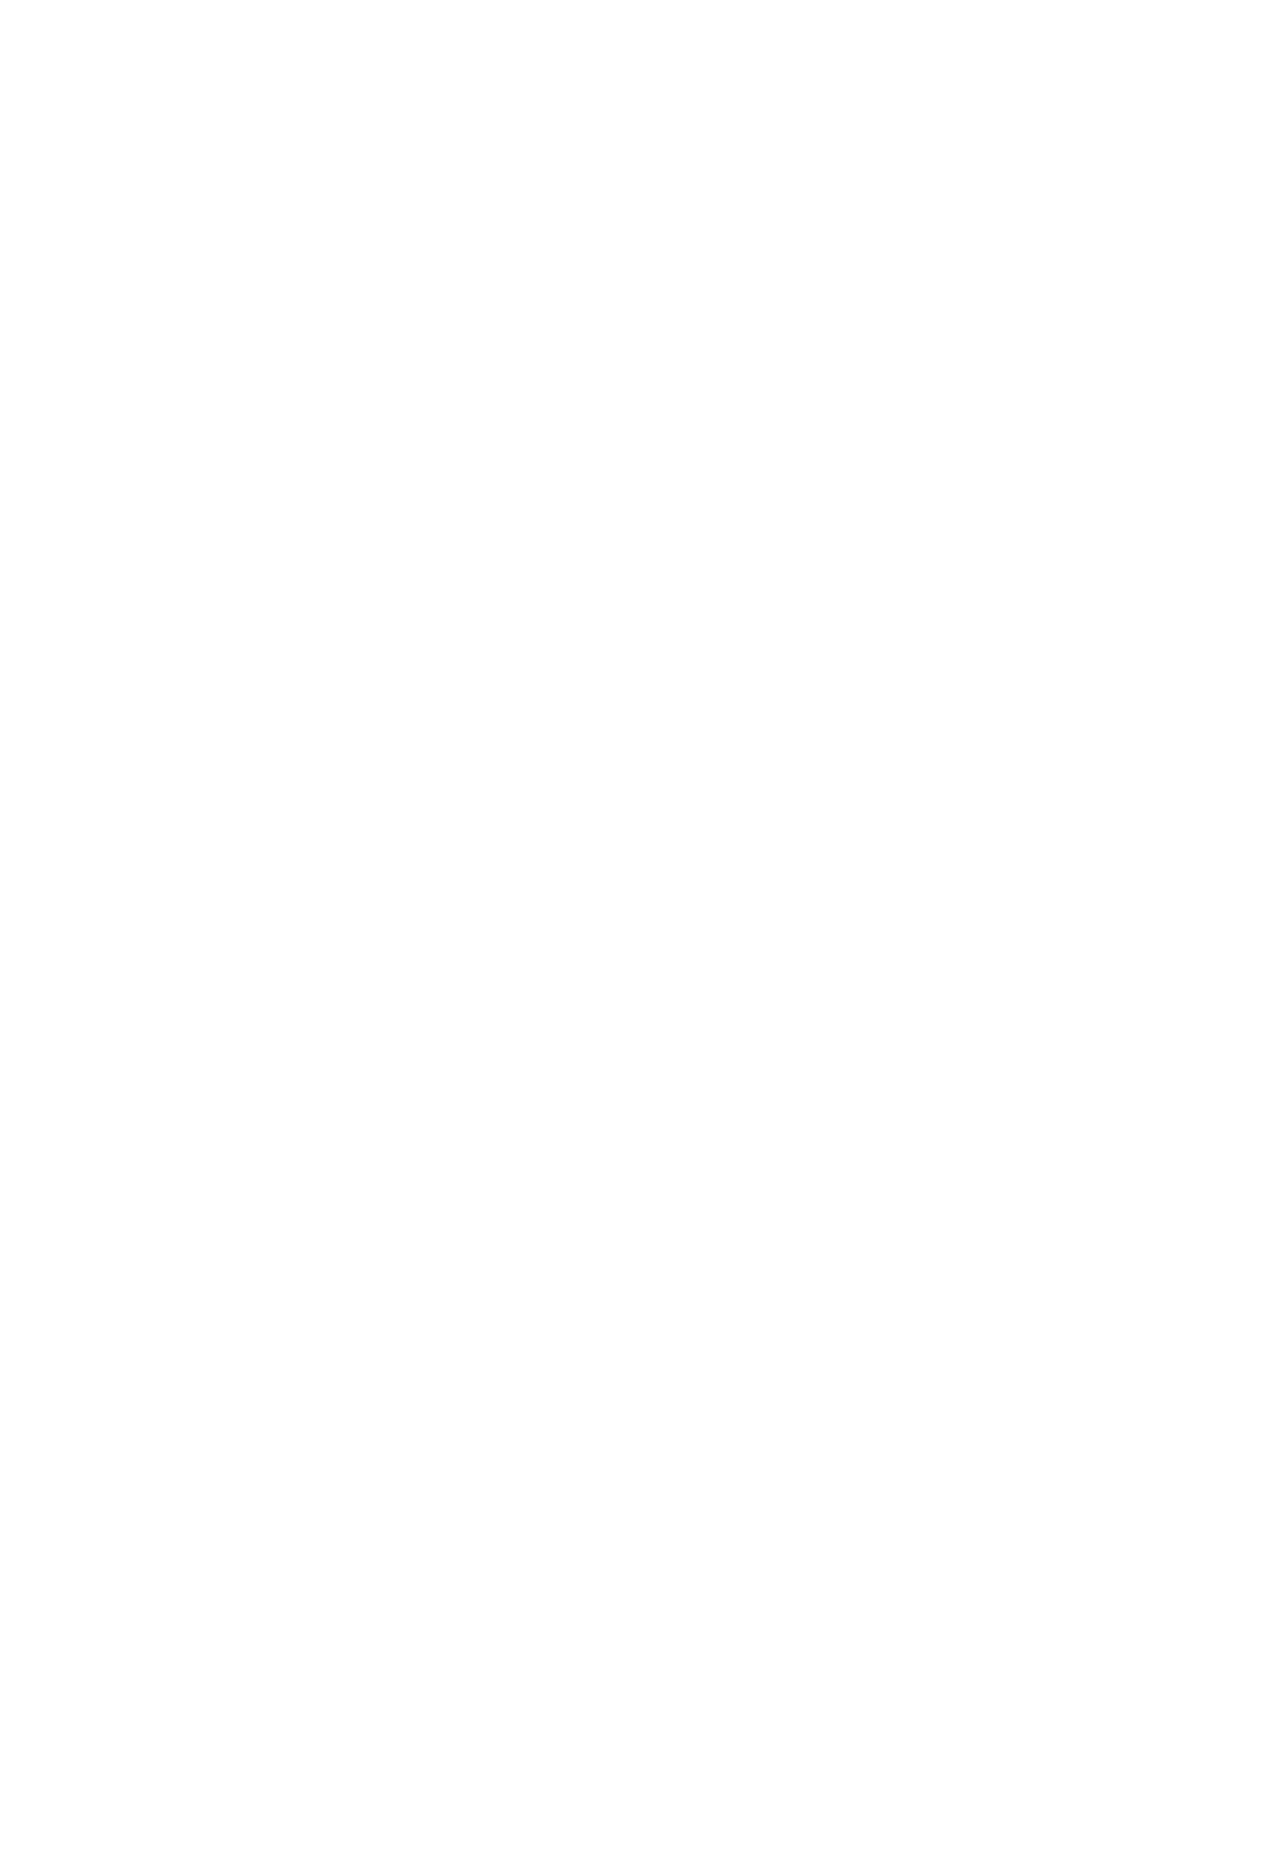 [kitsunenotera (bouko)] Kou demo Shinakya Akigumo-san 25-sai ga Teitoku to Hameru Kikai Isshou Konai desho (Kantai Collection -KanColle-) [Chinese] [新桥月白日语社] [Digital] 1